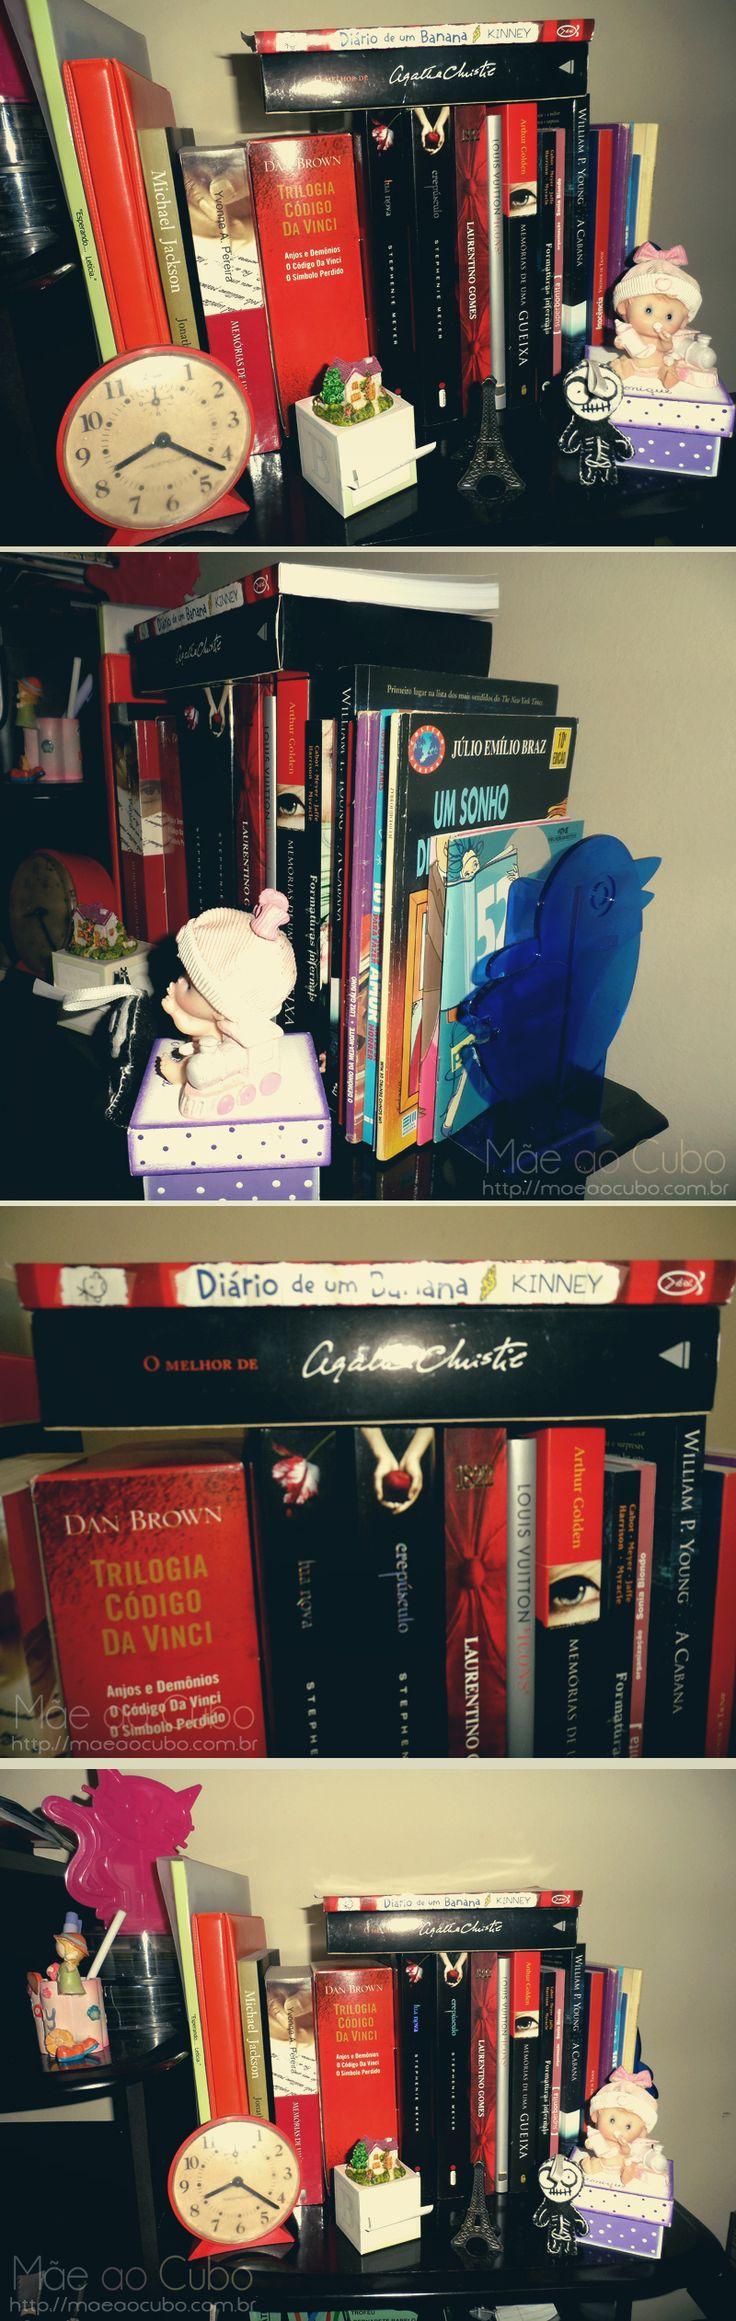 Onde você guarda seus livros?  http://maeaocubo.com.br/blogagem-coletiva-livros/